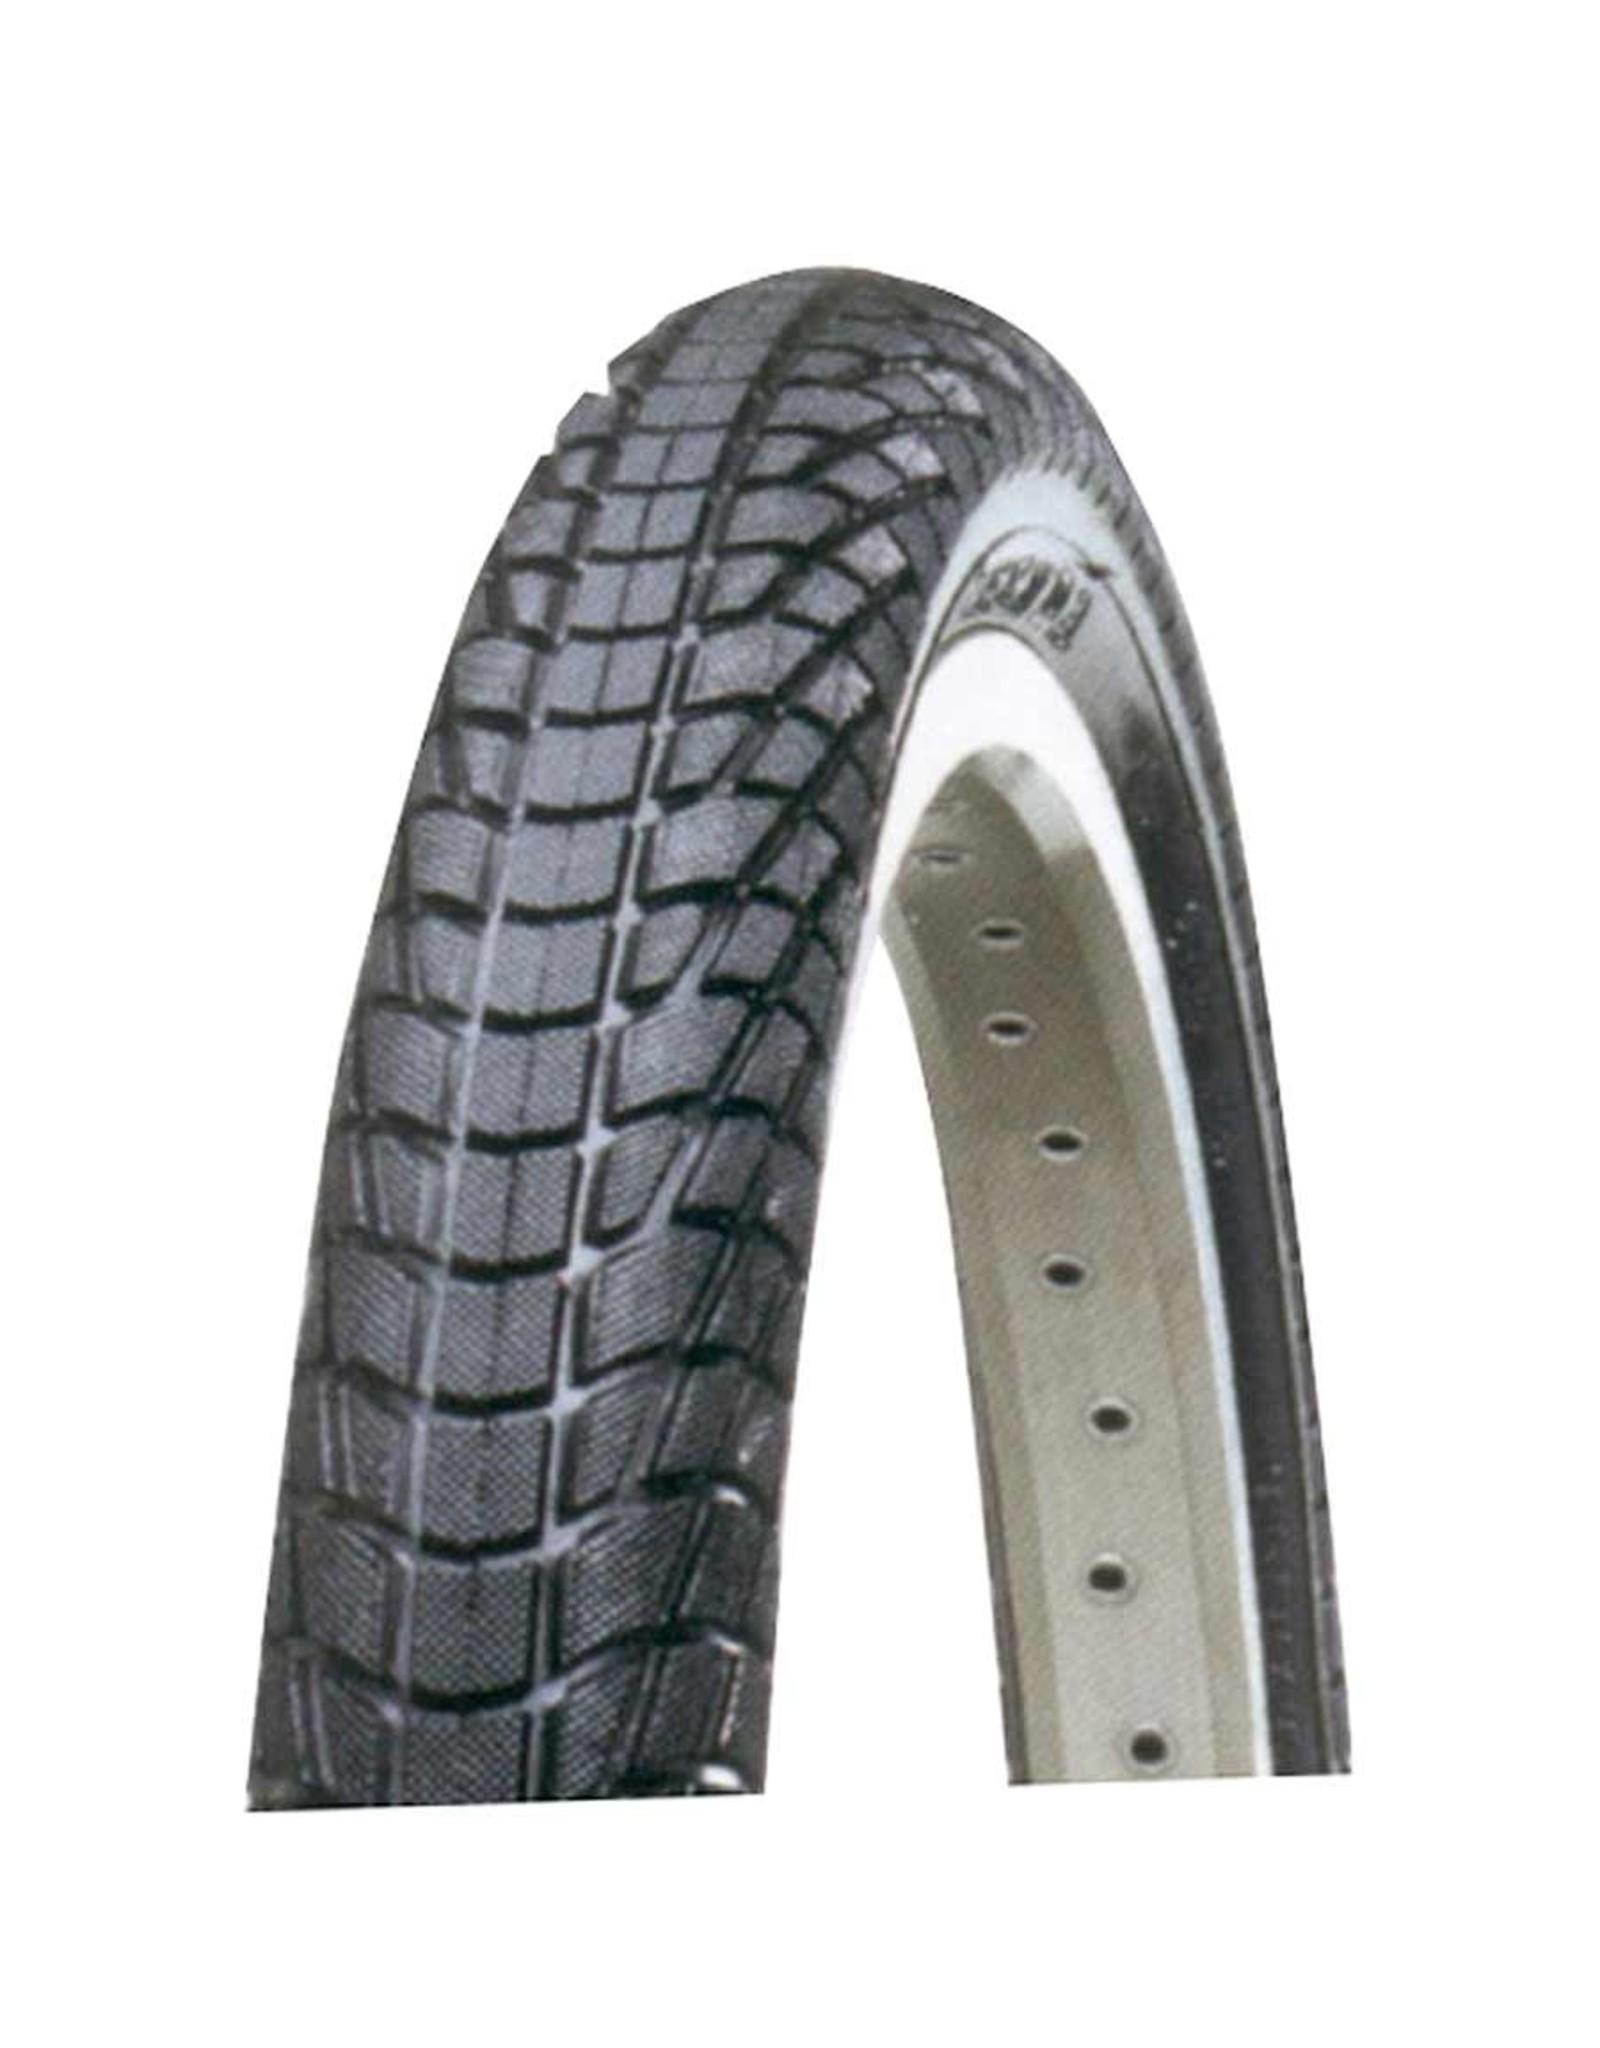 Kenda Kenda, Komfort (K841A), Tire, 26''x1.95, Wire, Clincher, SRC, 30TPI, Black